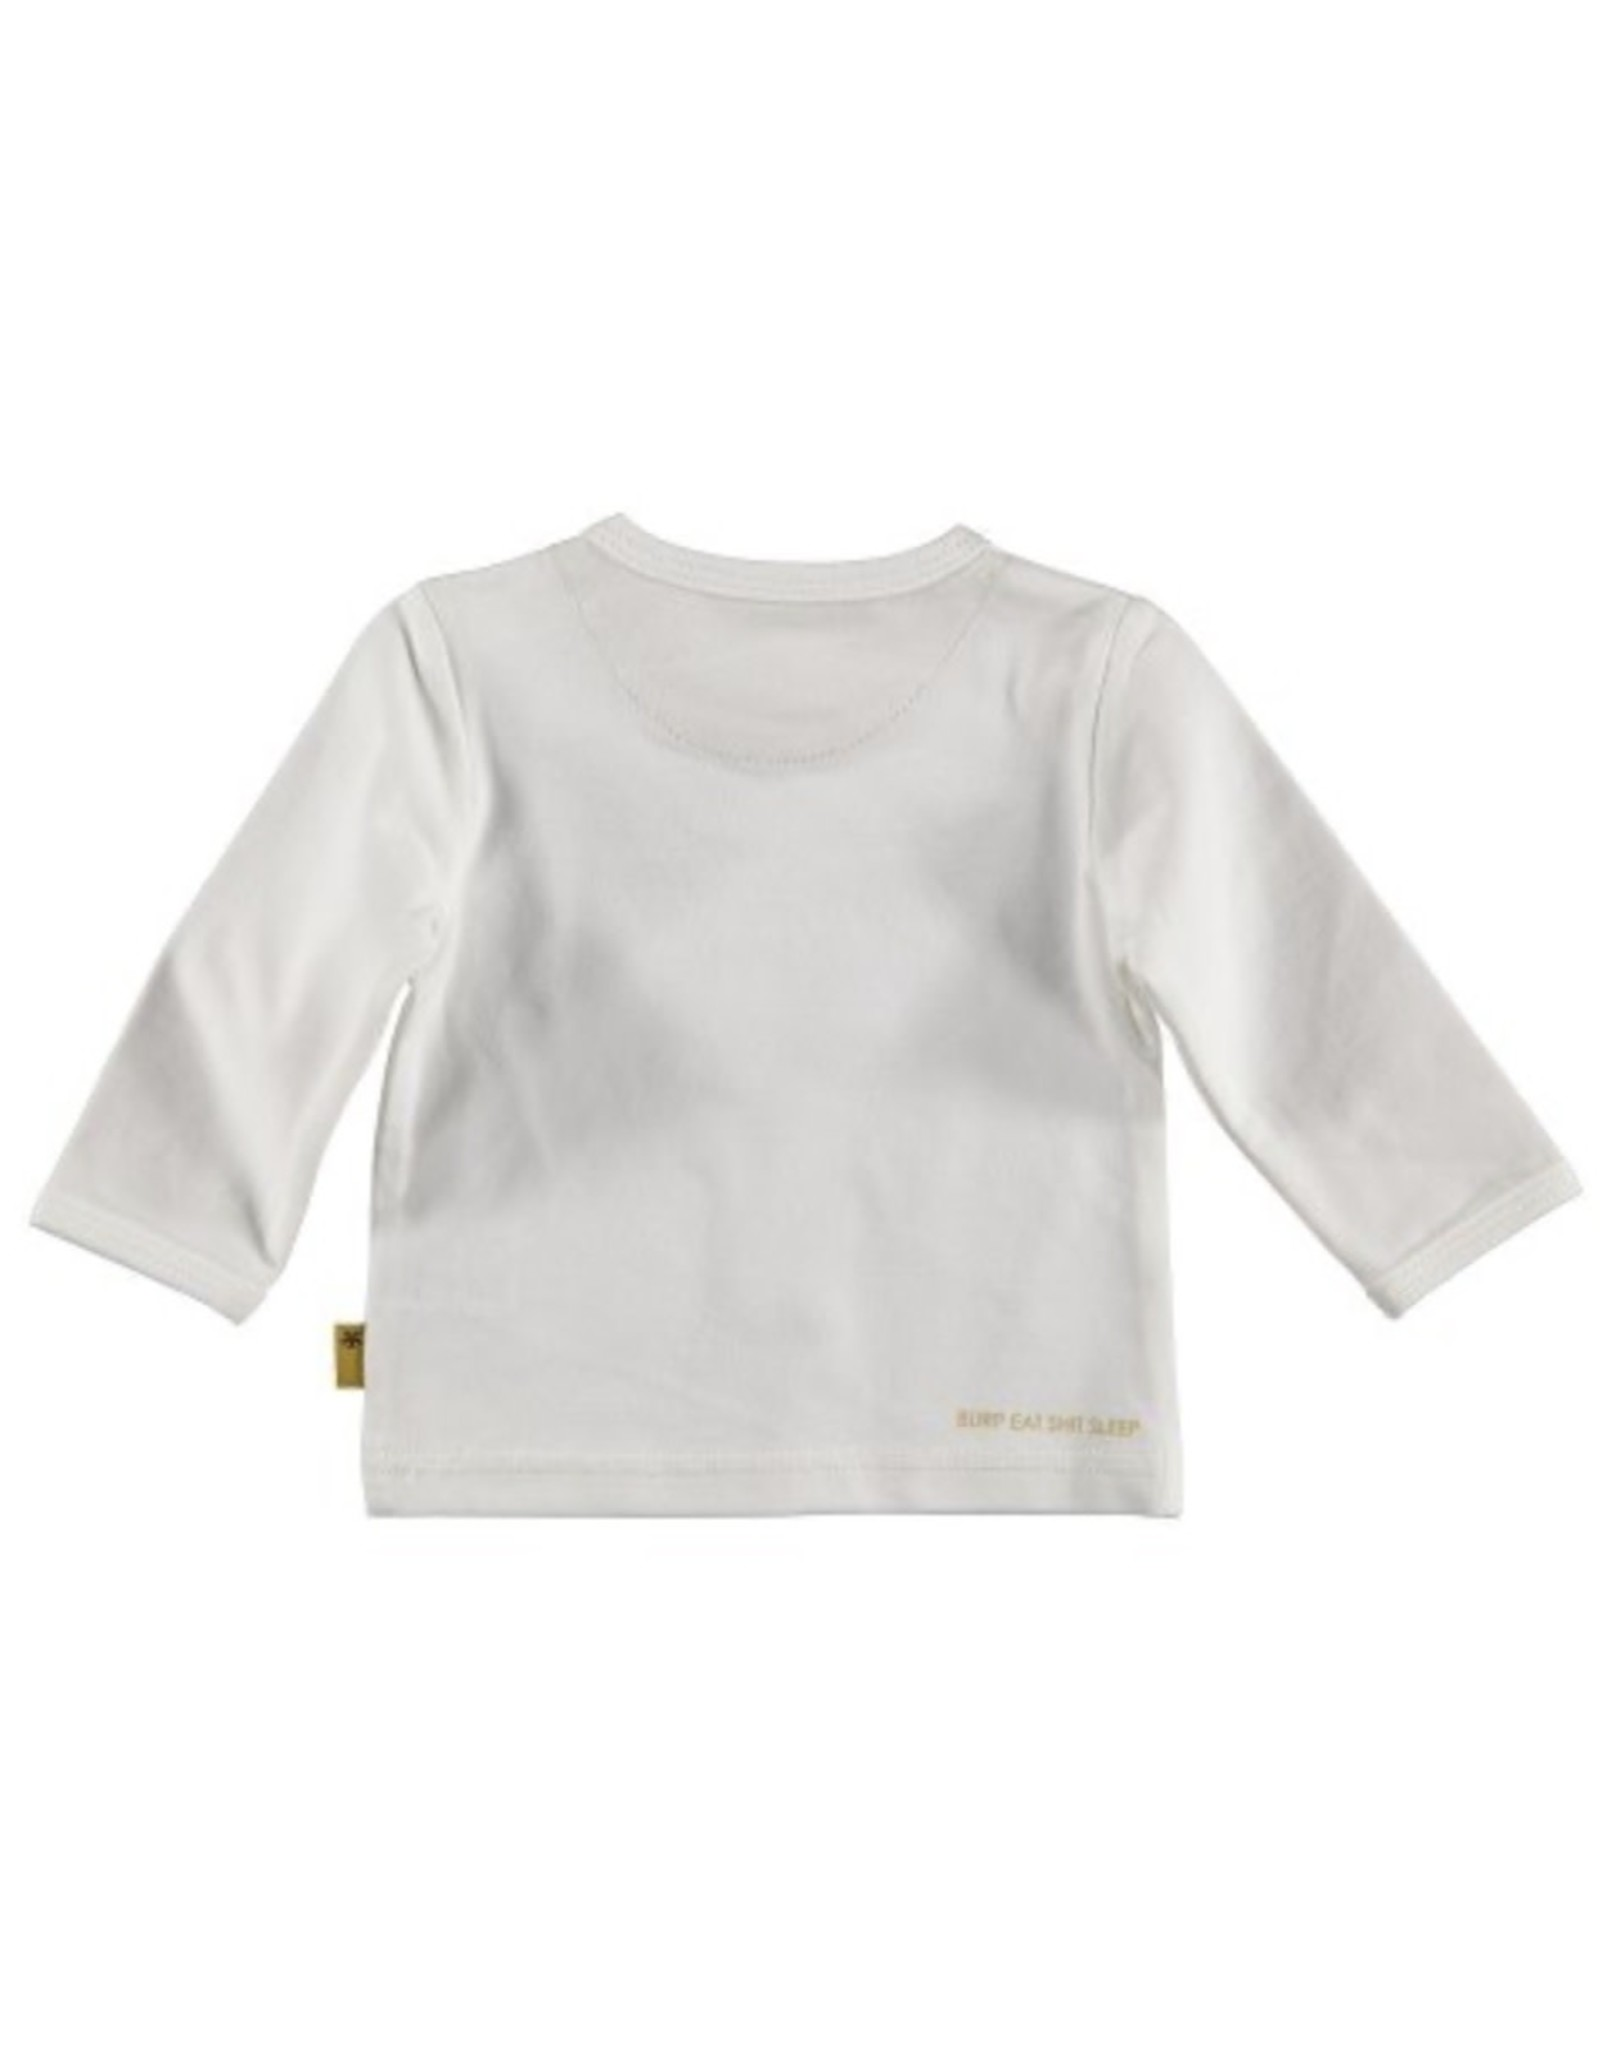 B*E*S*S 20239 T-Shirt